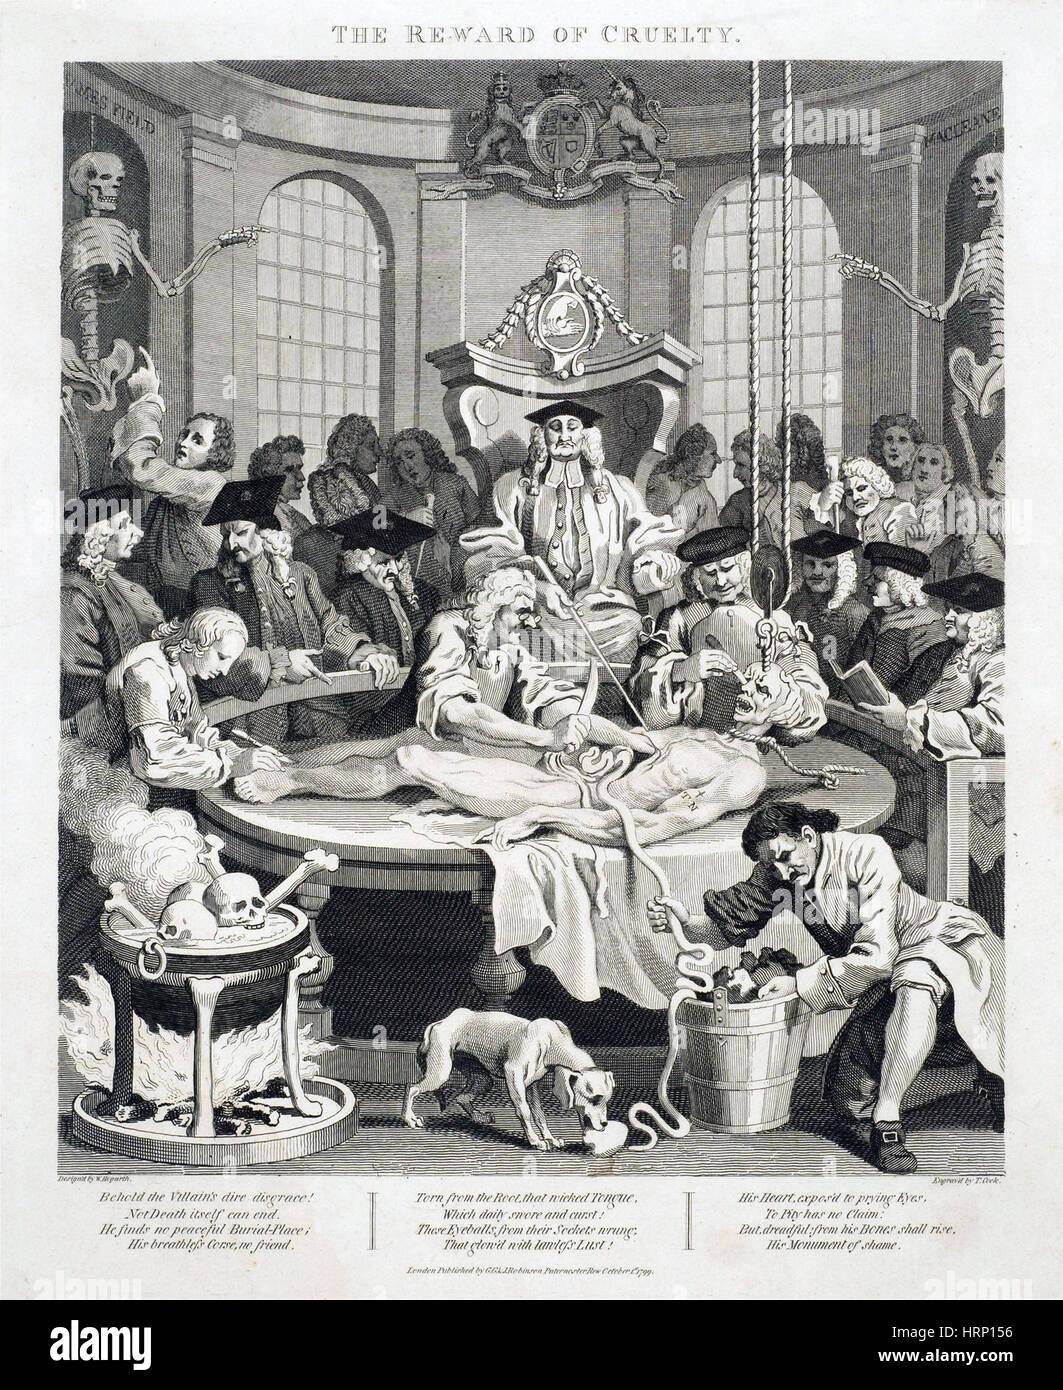 Anatomie-Klasse Dissektion, 18. Jahrhundert Stockfoto, Bild ...